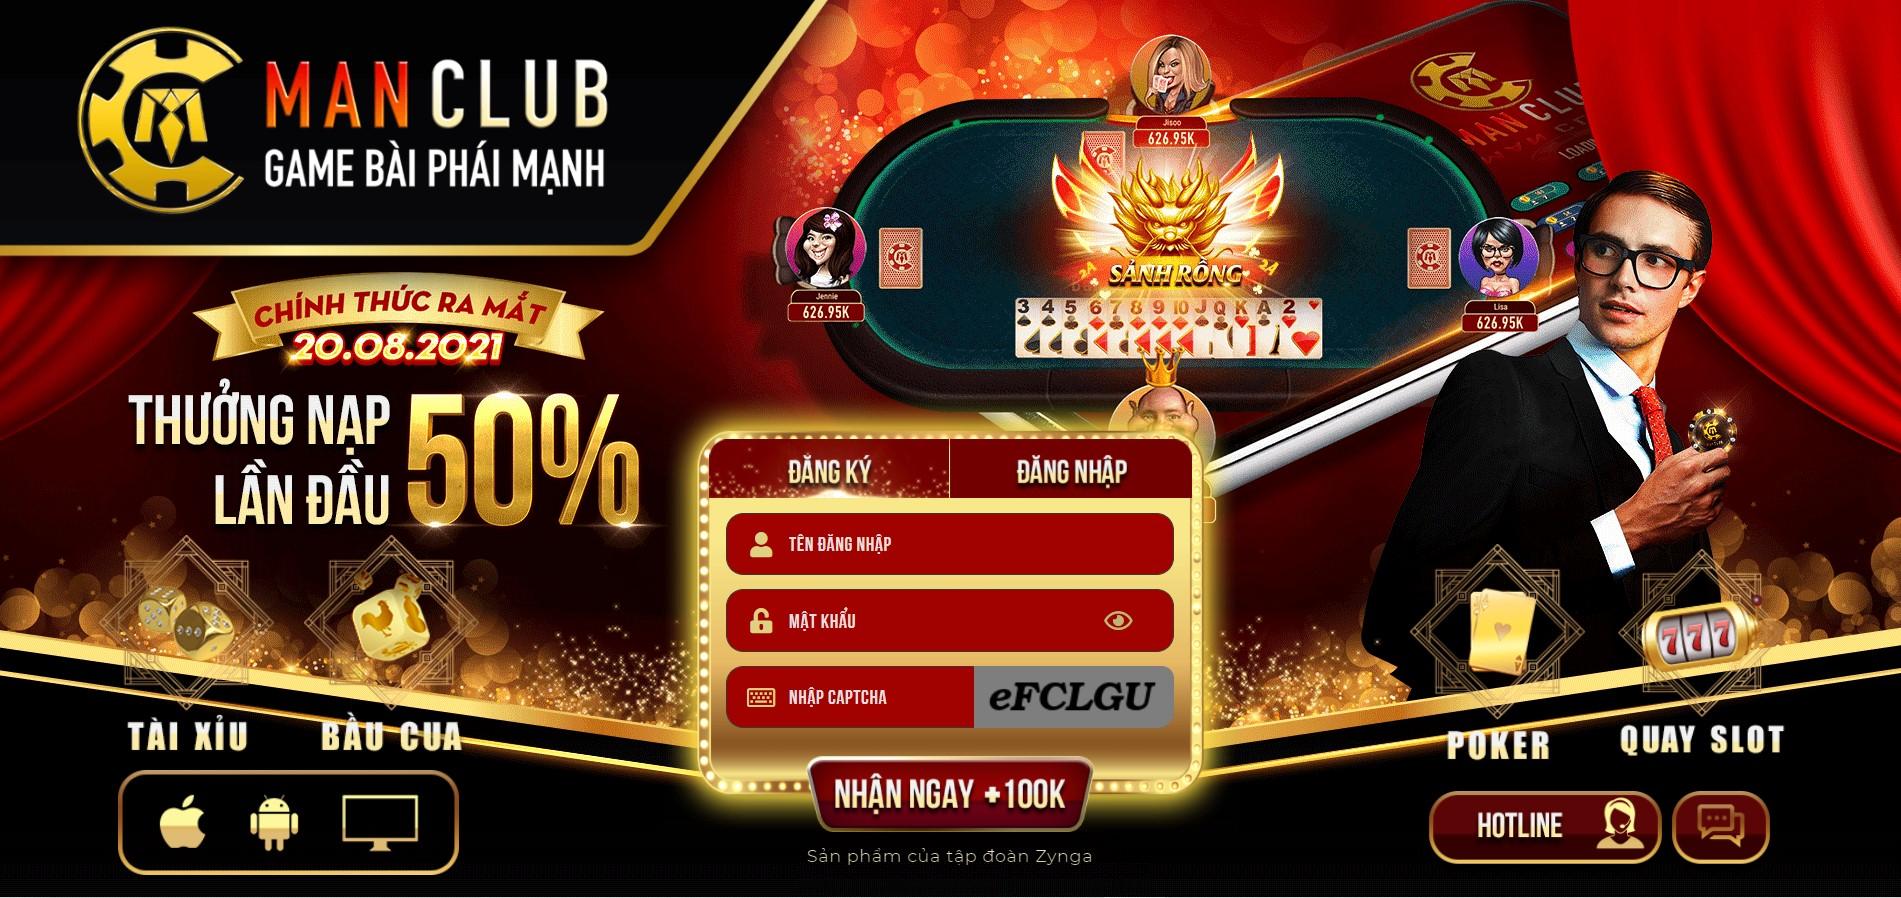 Game bài đổi thưởng ManClub